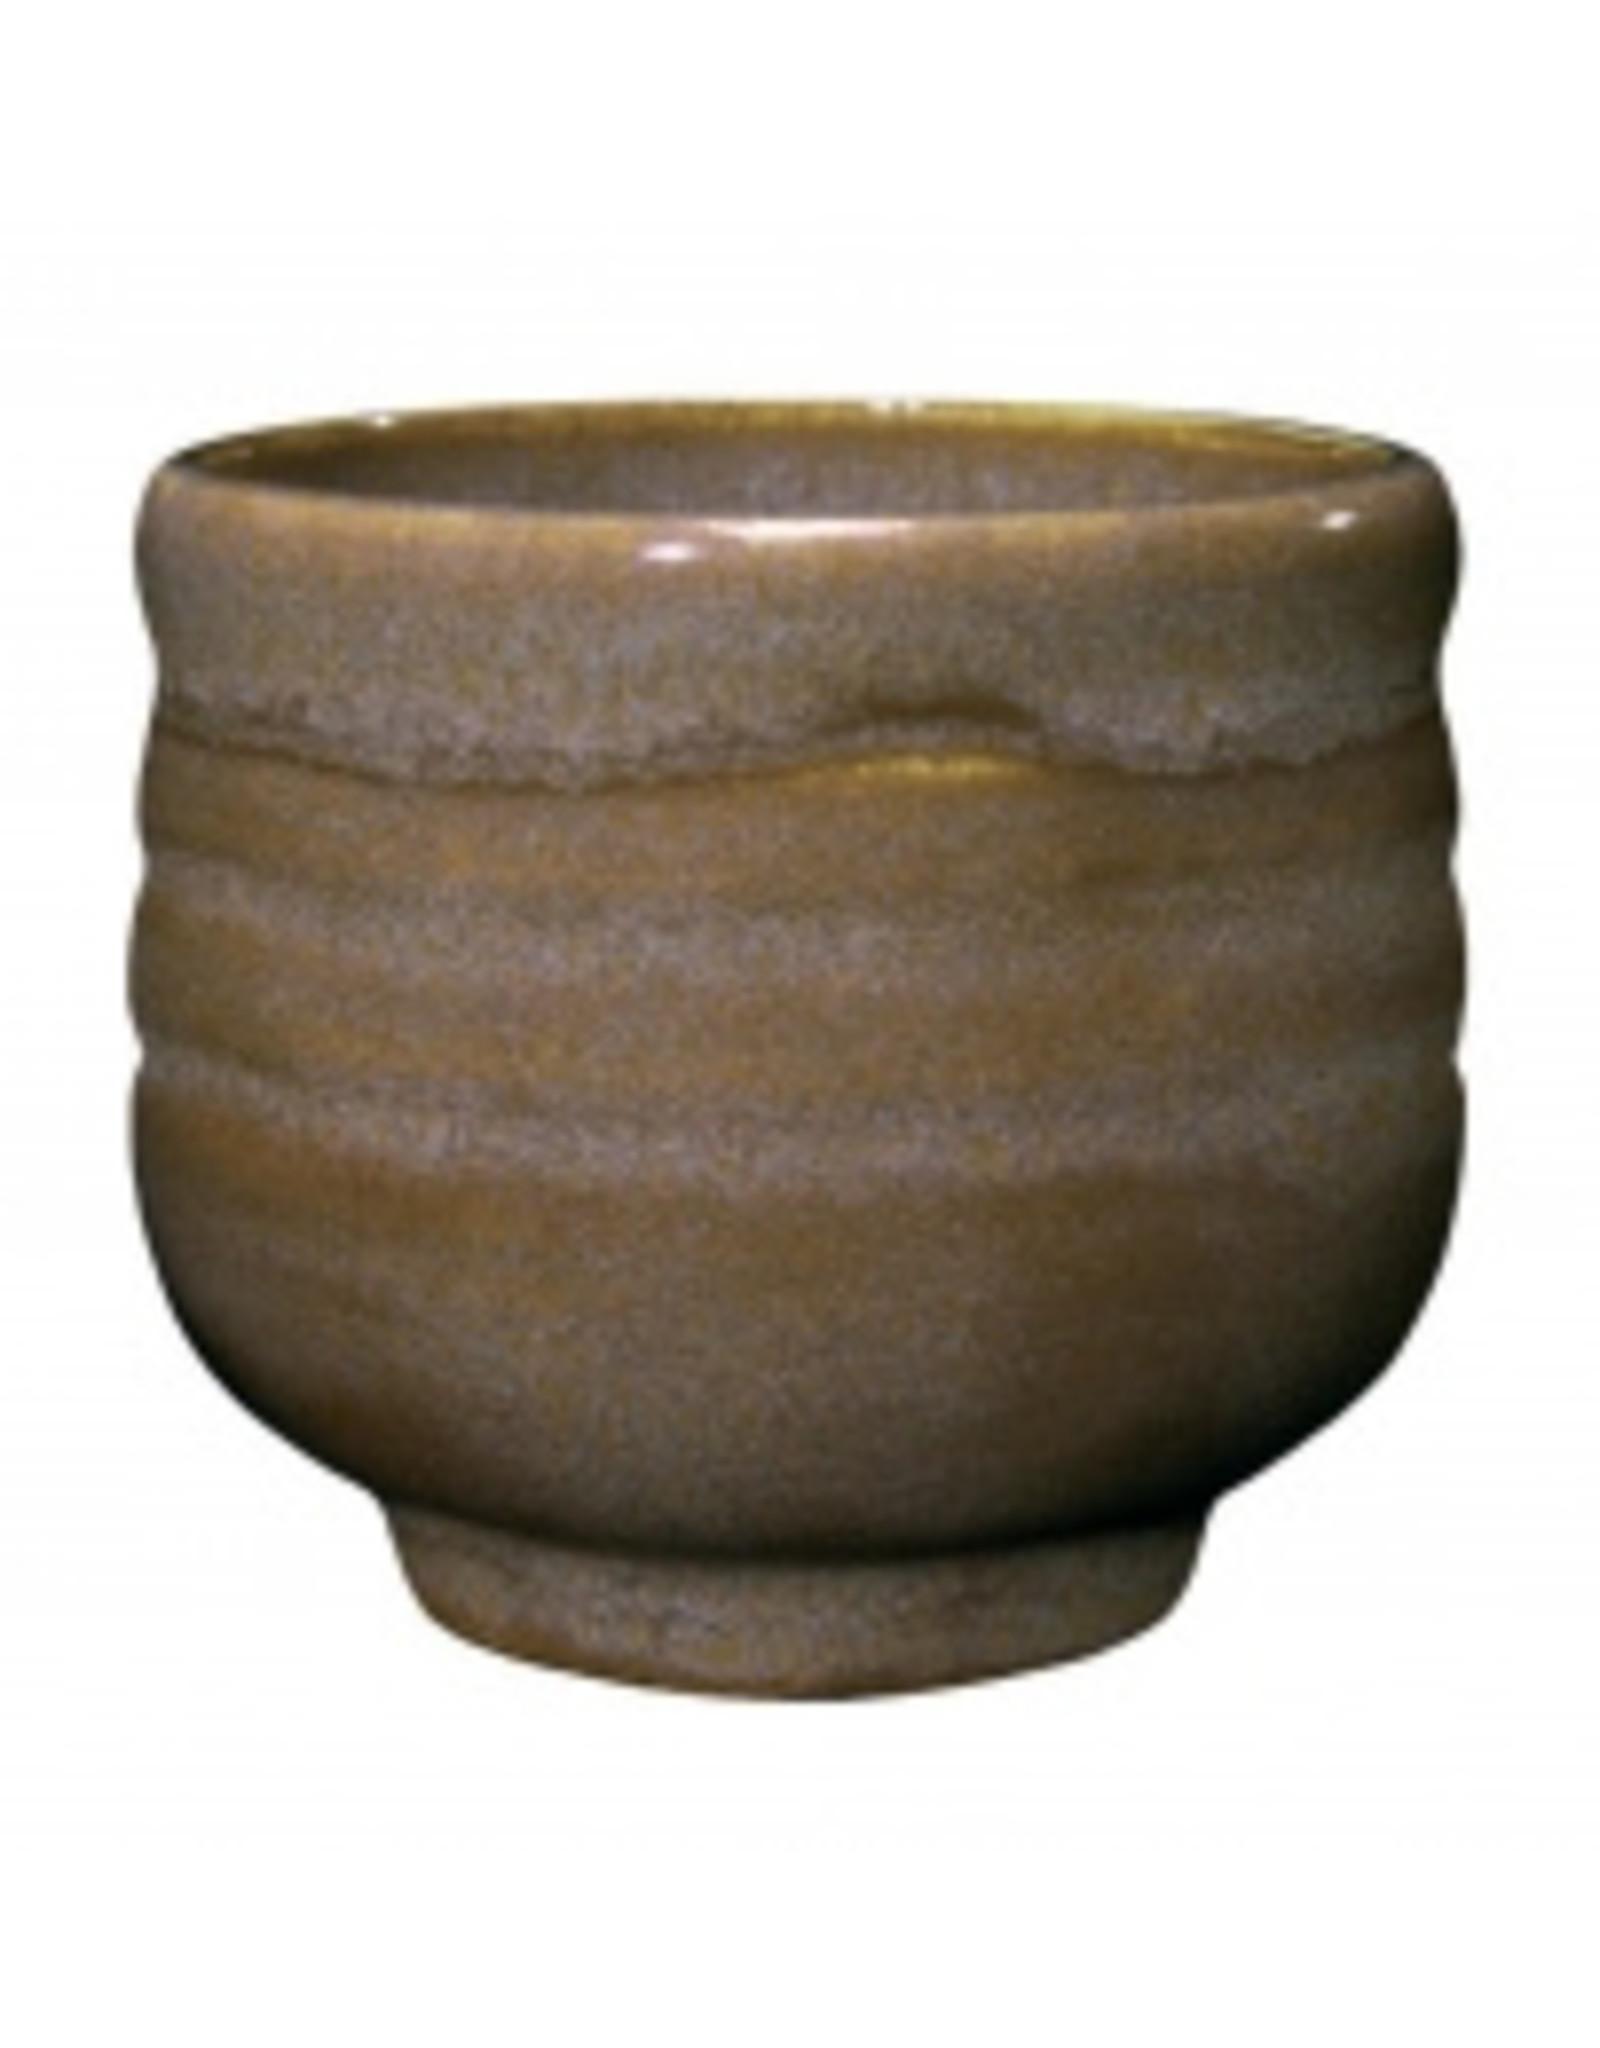 Smoked Sienna AMACO Potters Choice Brush-on Stoneware Glaze 473ML 1180˚C - 1240˚C